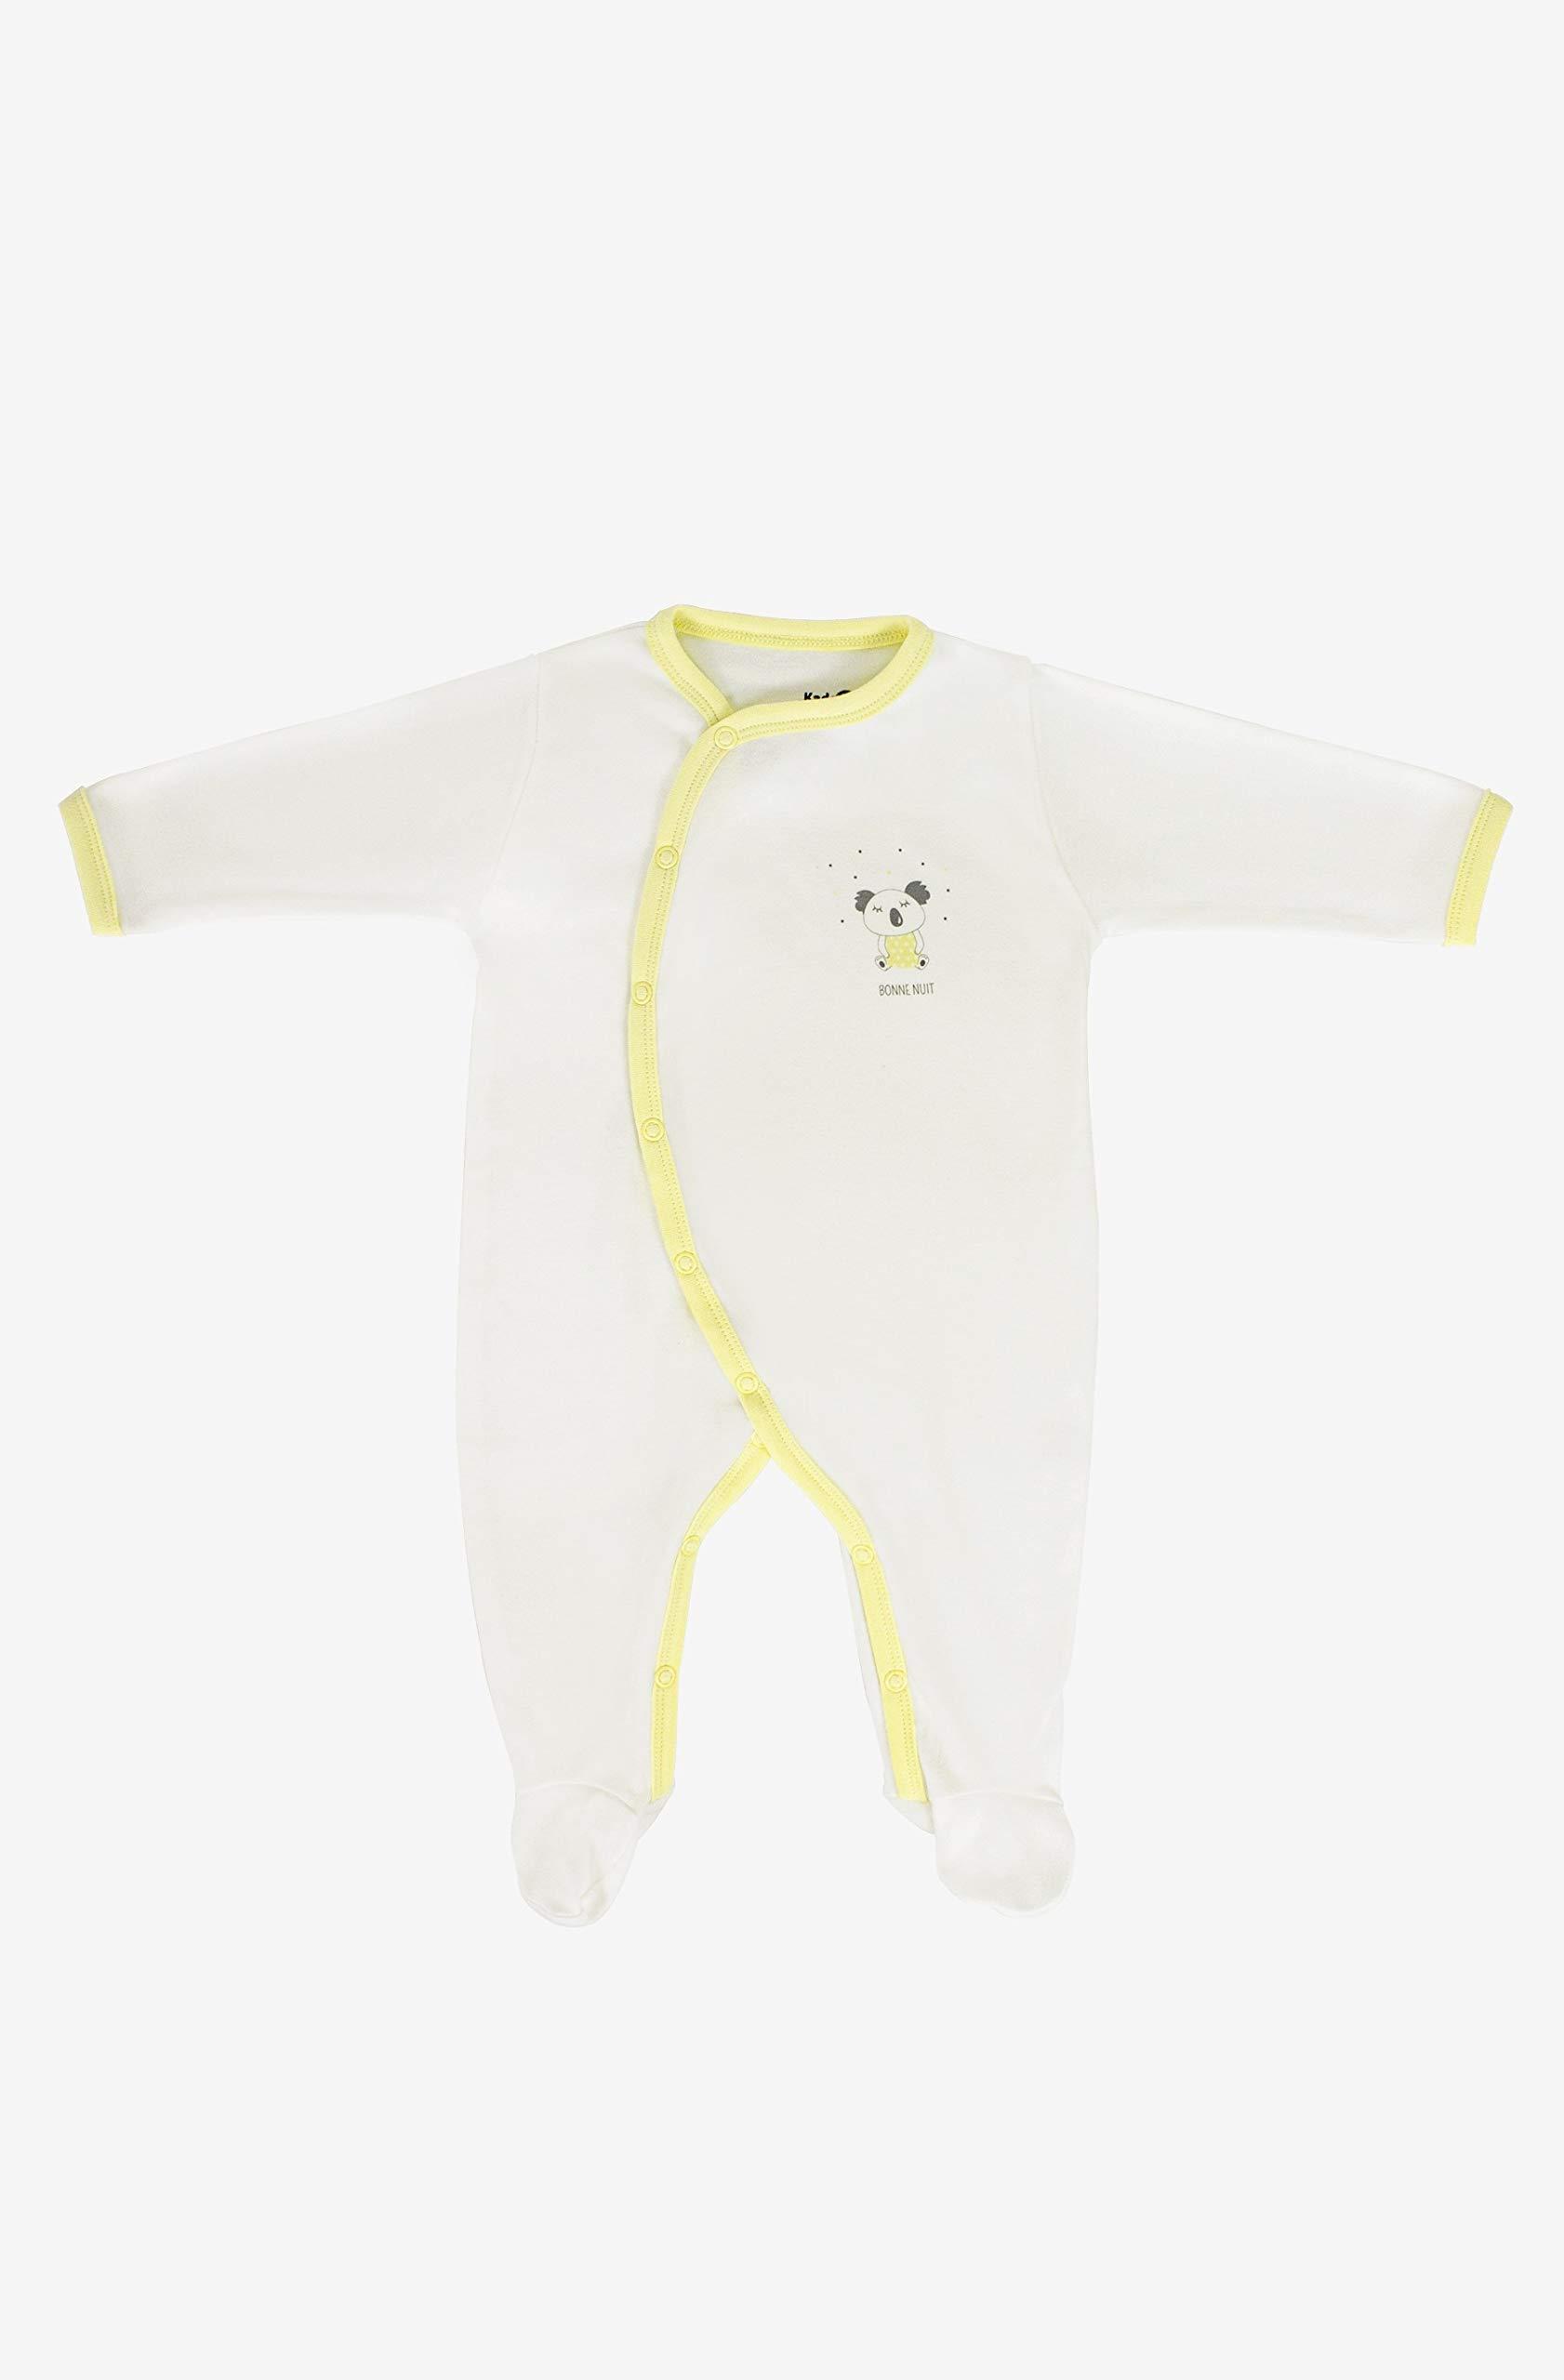 Kadolis Pijama de Verano en Jersey de algodón orgánico con Estampados de Koala 1 Mes: Amazon.es: Hogar